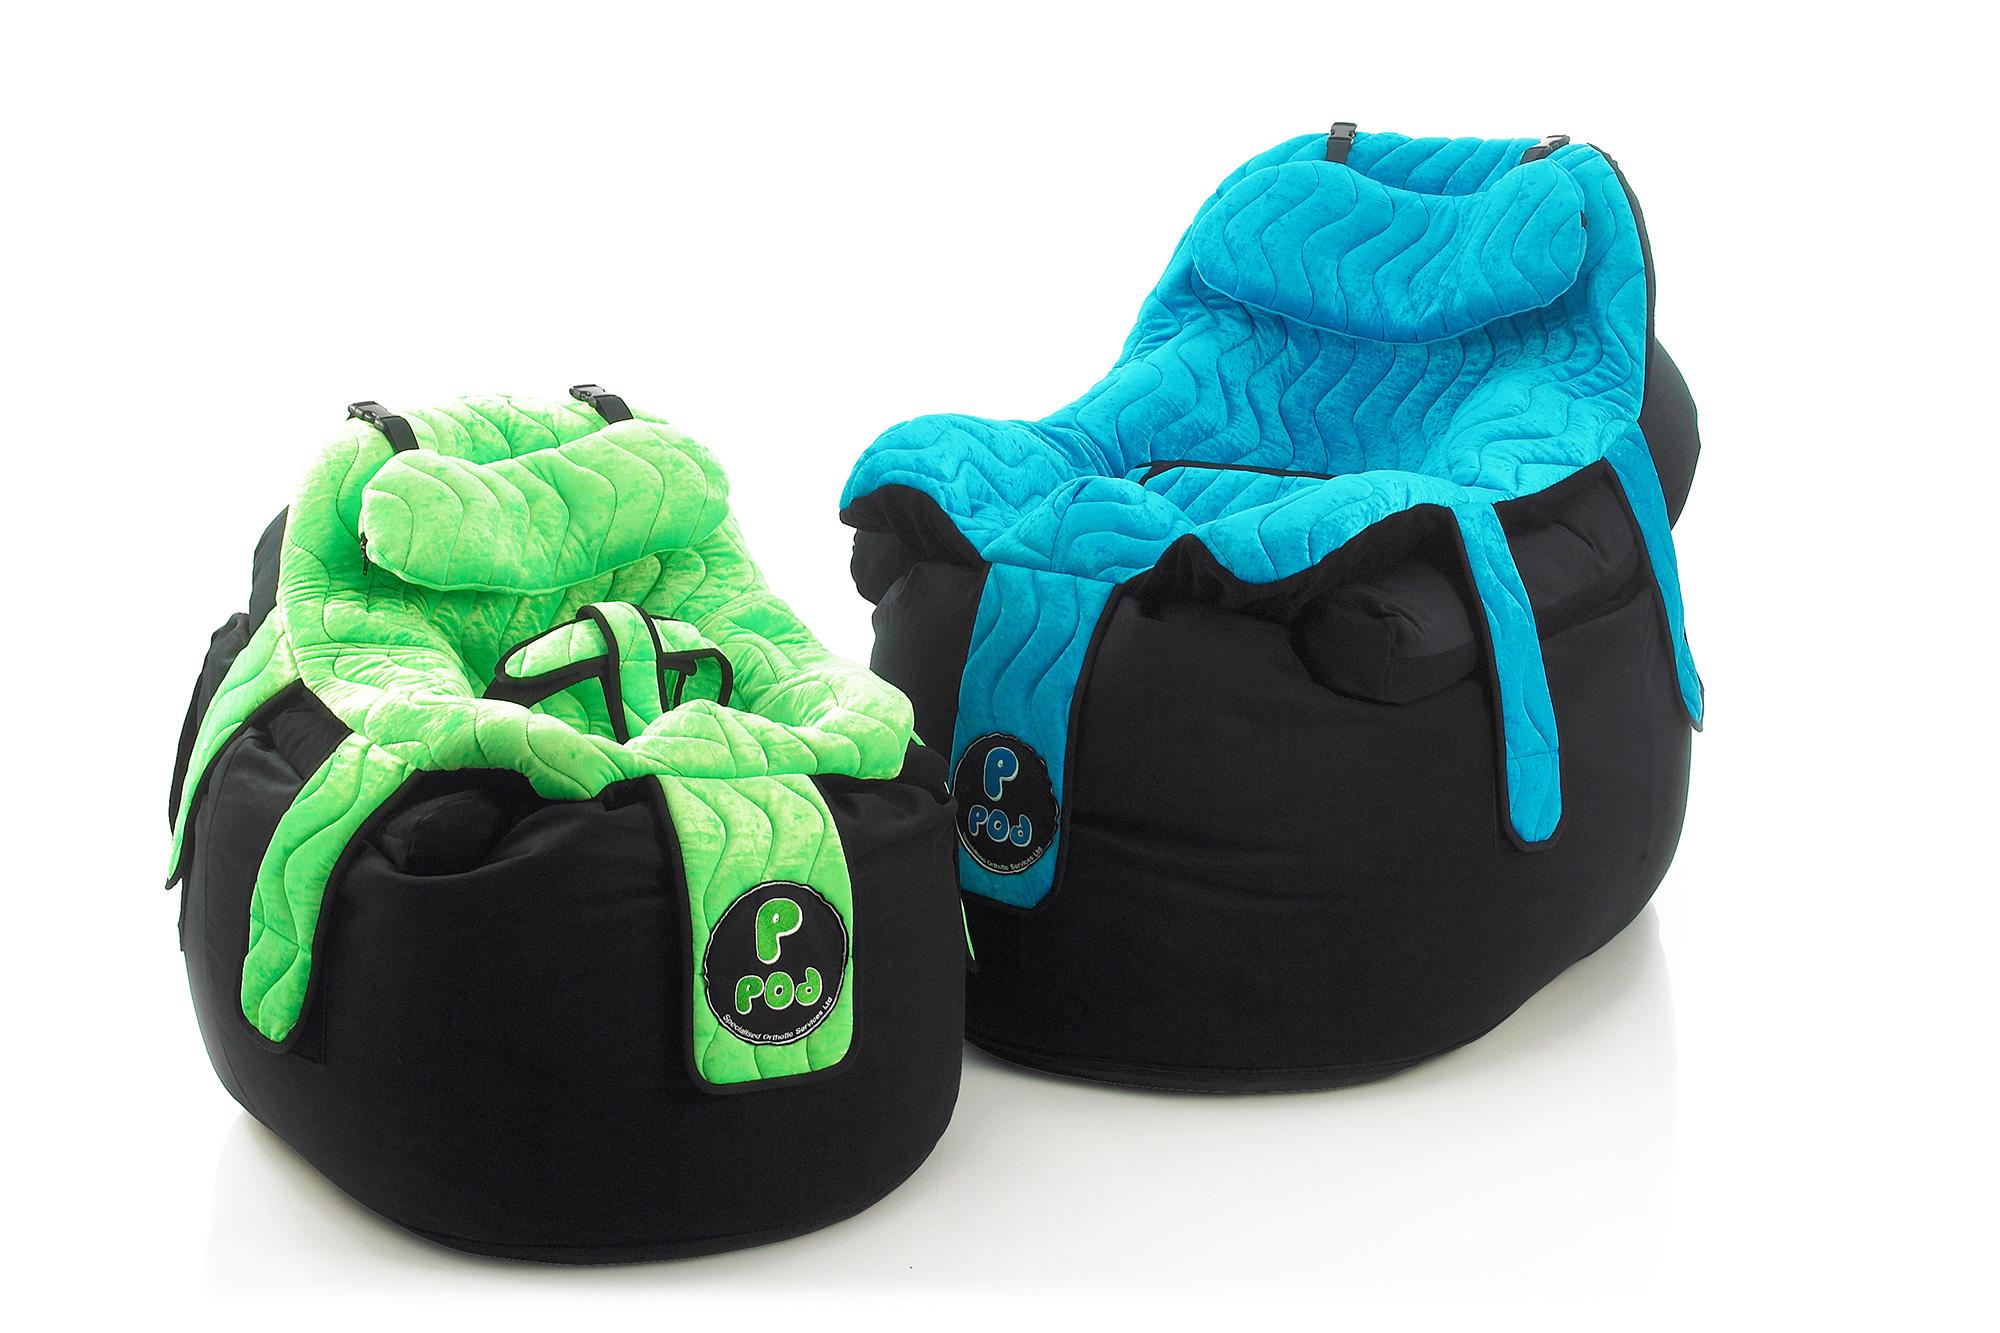 To P Pod-er, en grønn og en blå, den ene med sele til spedbarn, den andre klargjort for større barn eller unge voksne.